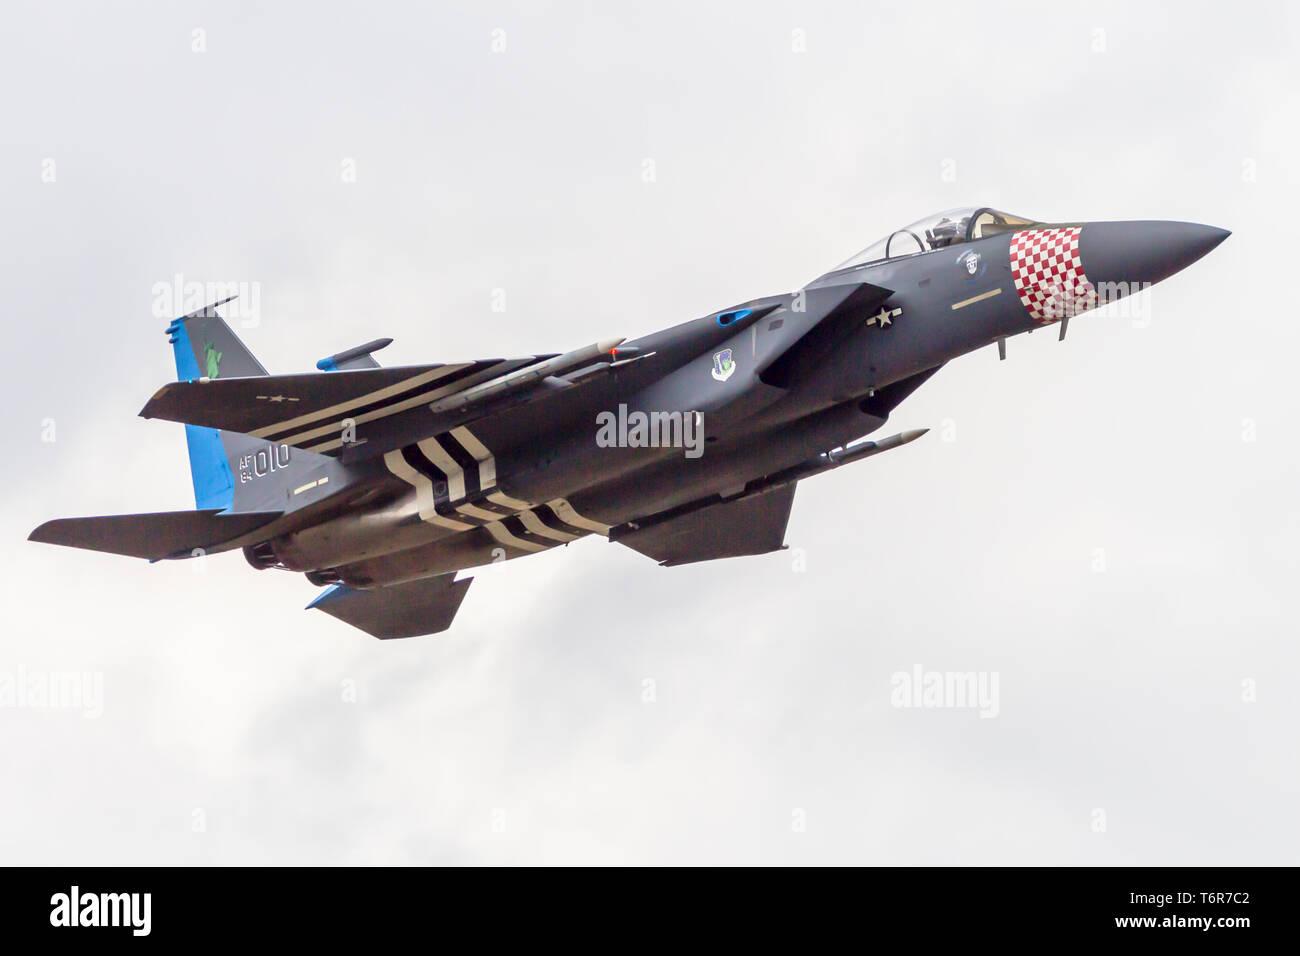 Mcdonald Douglas F-15C Eagle dans les couleurs du patrimoine spécial. Avion est de la 492th Tactical Fighter Squadron, 48th FW à RAF Lakenheath, Angleterre. Photo Stock